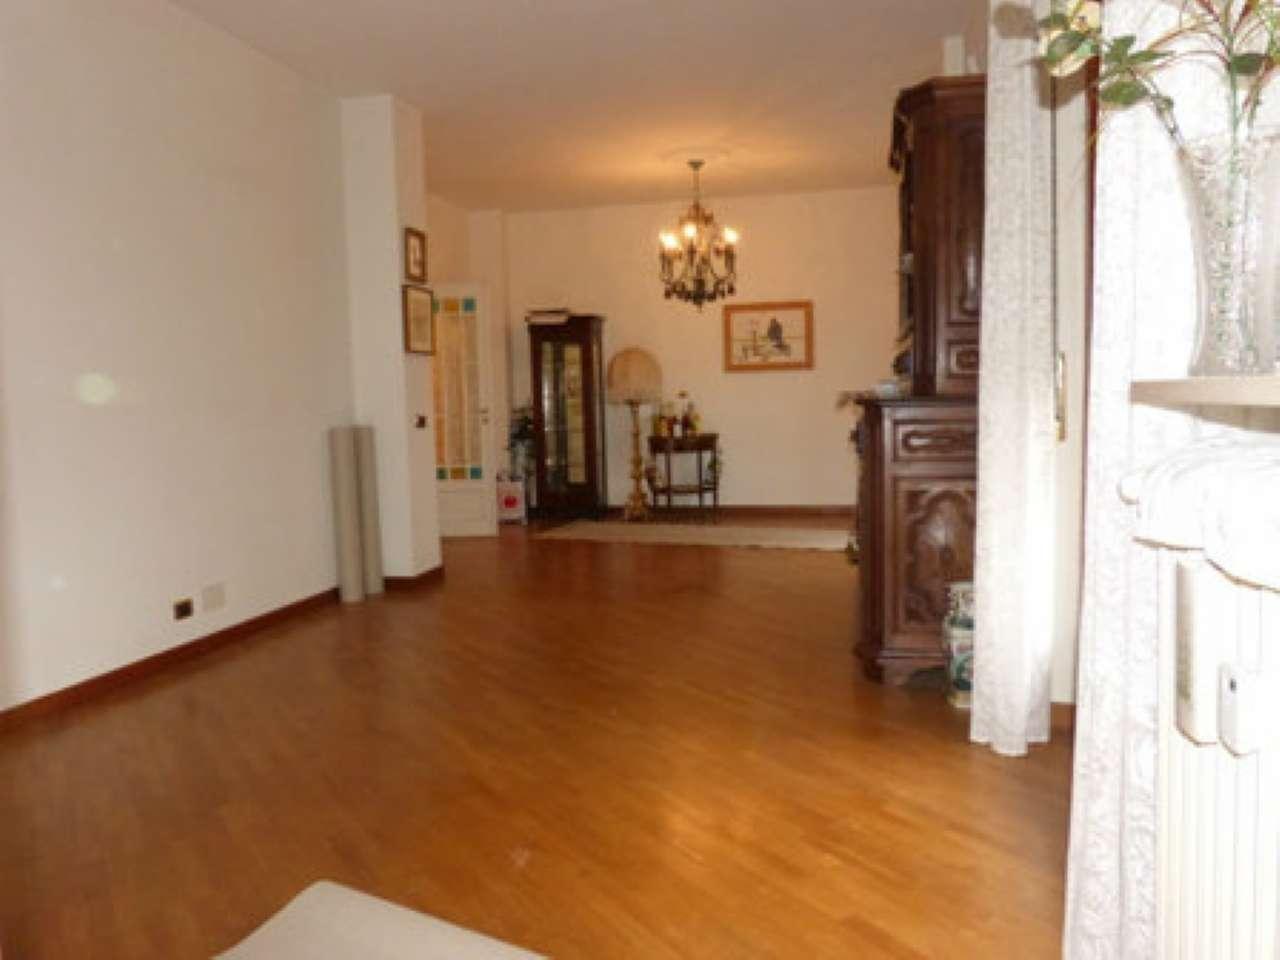 Appartamento in vendita a Fossano, 4 locali, prezzo € 360.000 | Cambio Casa.it